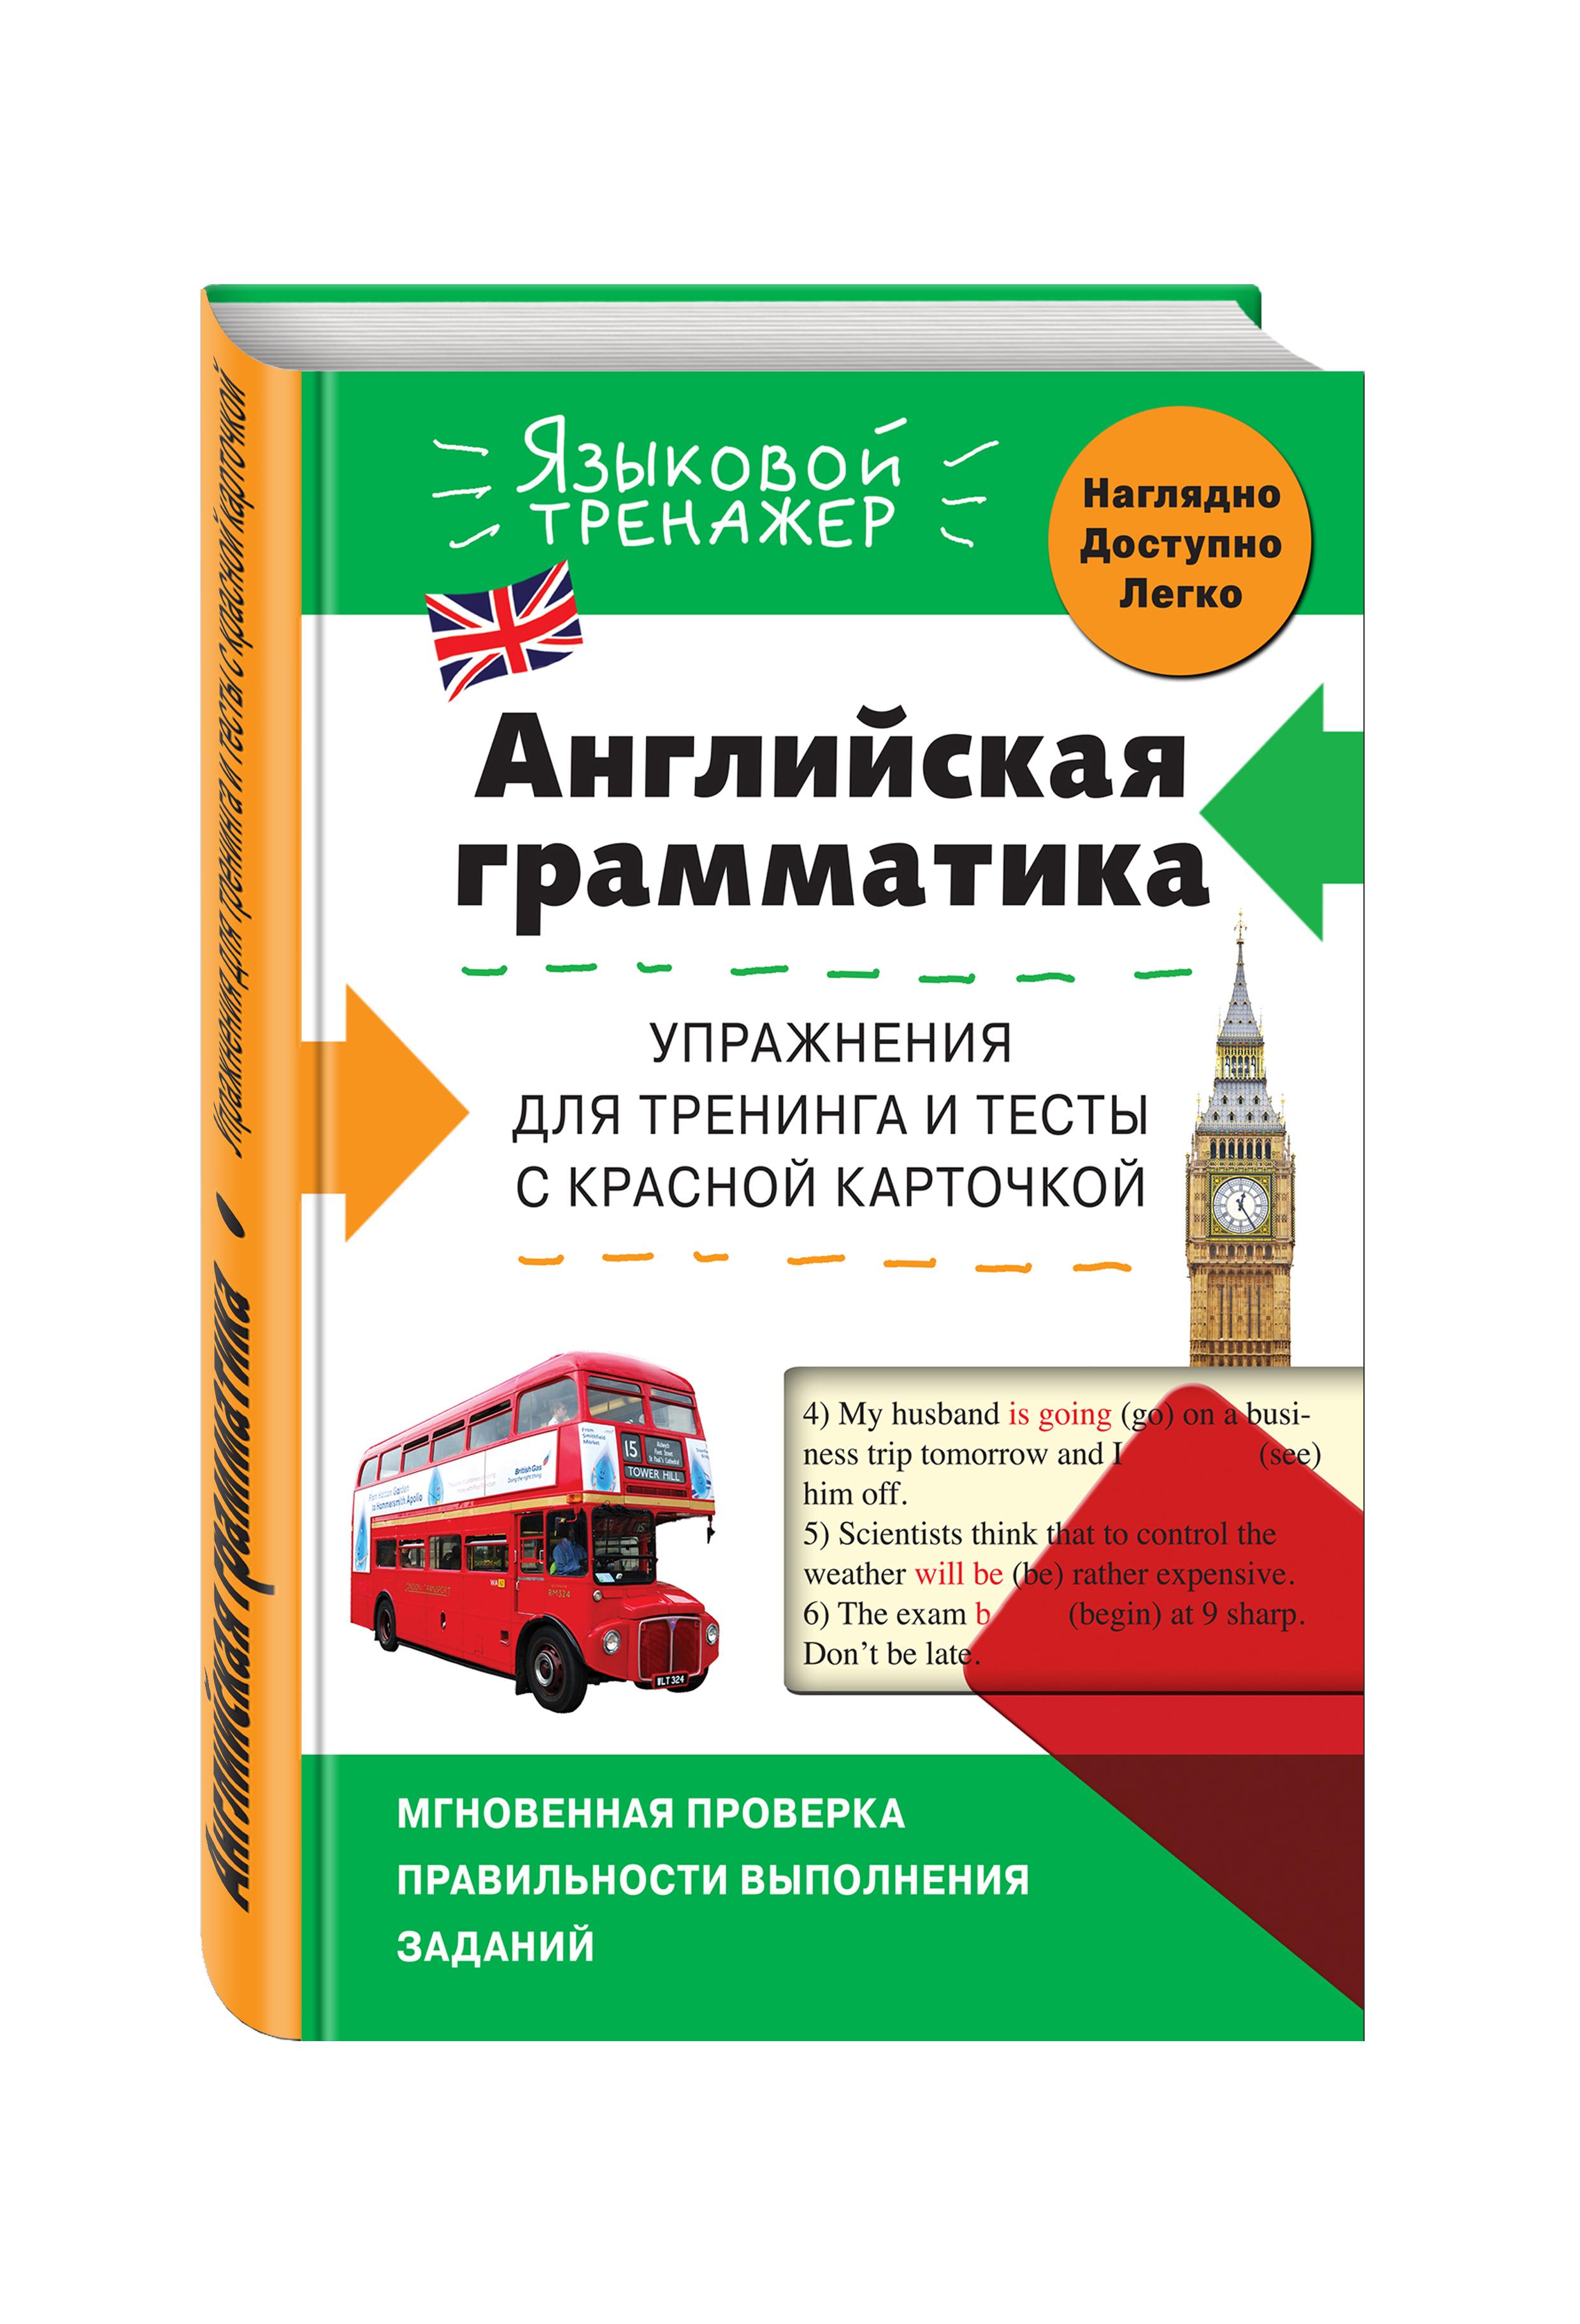 Ильченко В.В. Английская грамматика. Упражнения для тренинга и тесты с красной карточкой